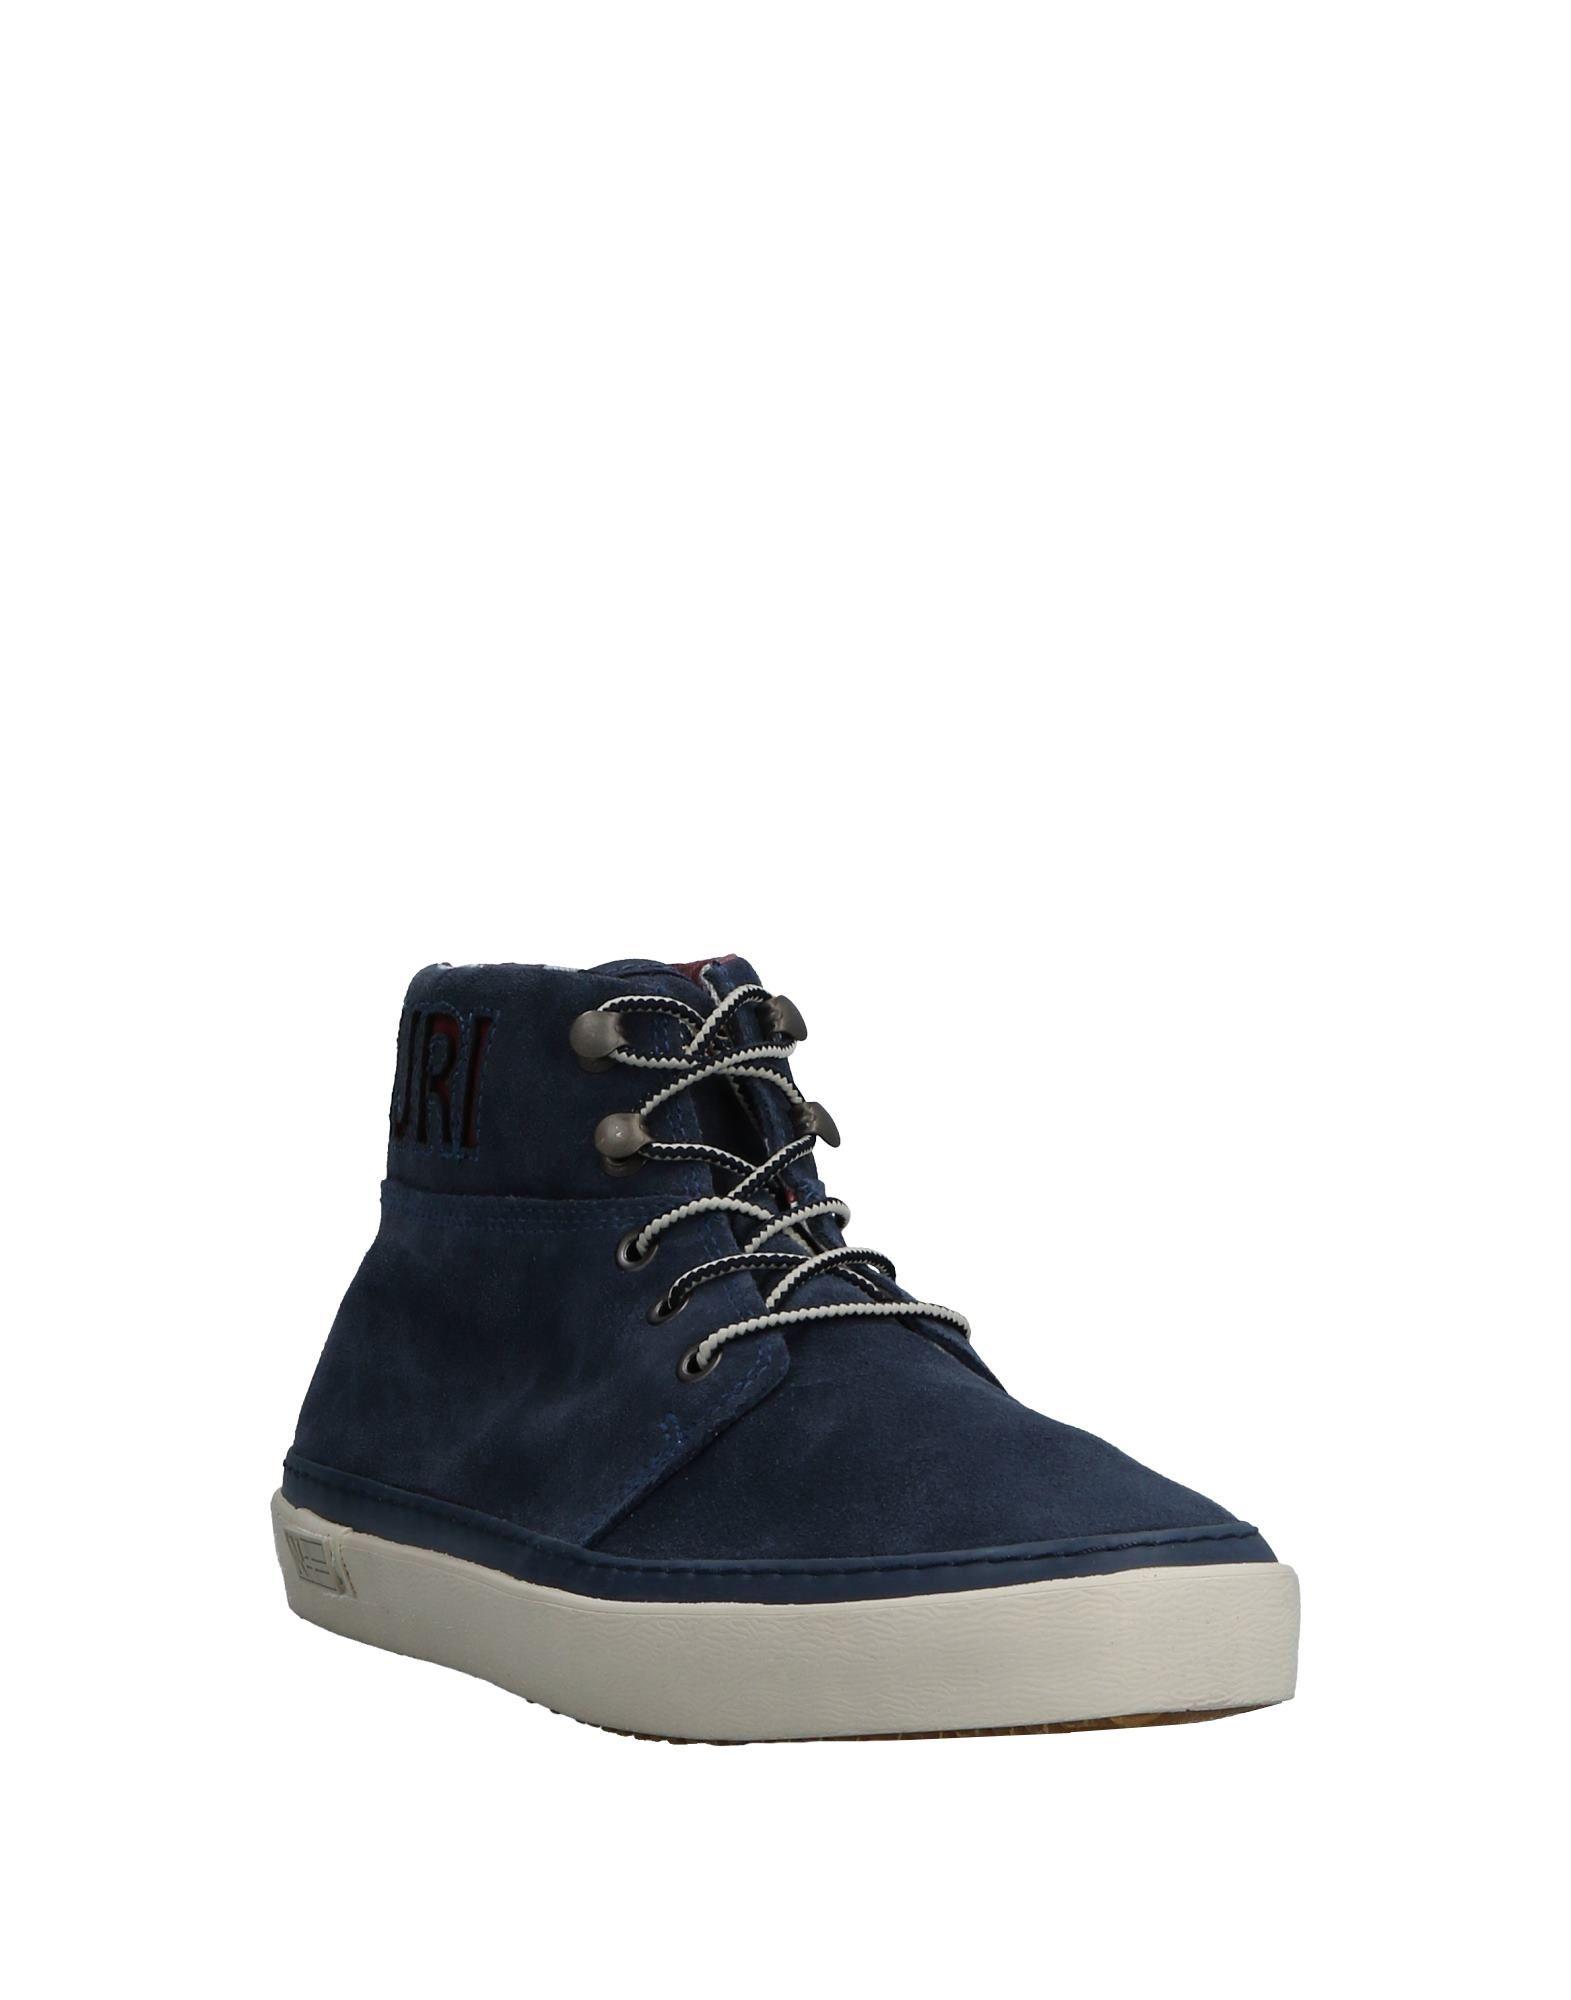 Rabatt echte Schuhe Napapijri  Sneakers Herren  Napapijri 11527469OK 4a9570